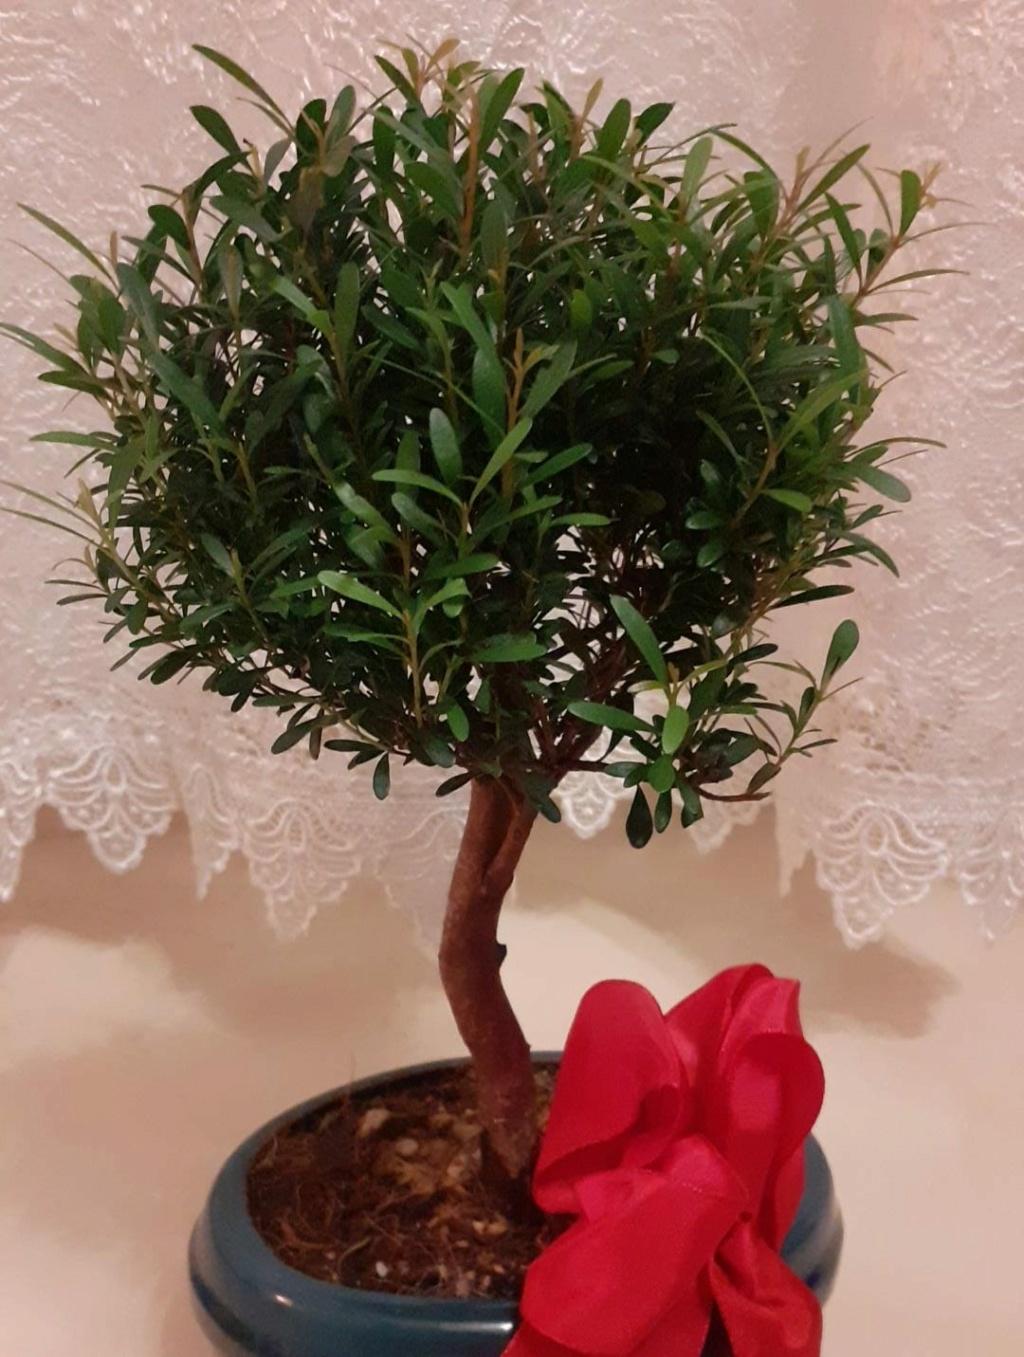 Aiuto! Identificazione e consigli bonsai Bonsai11